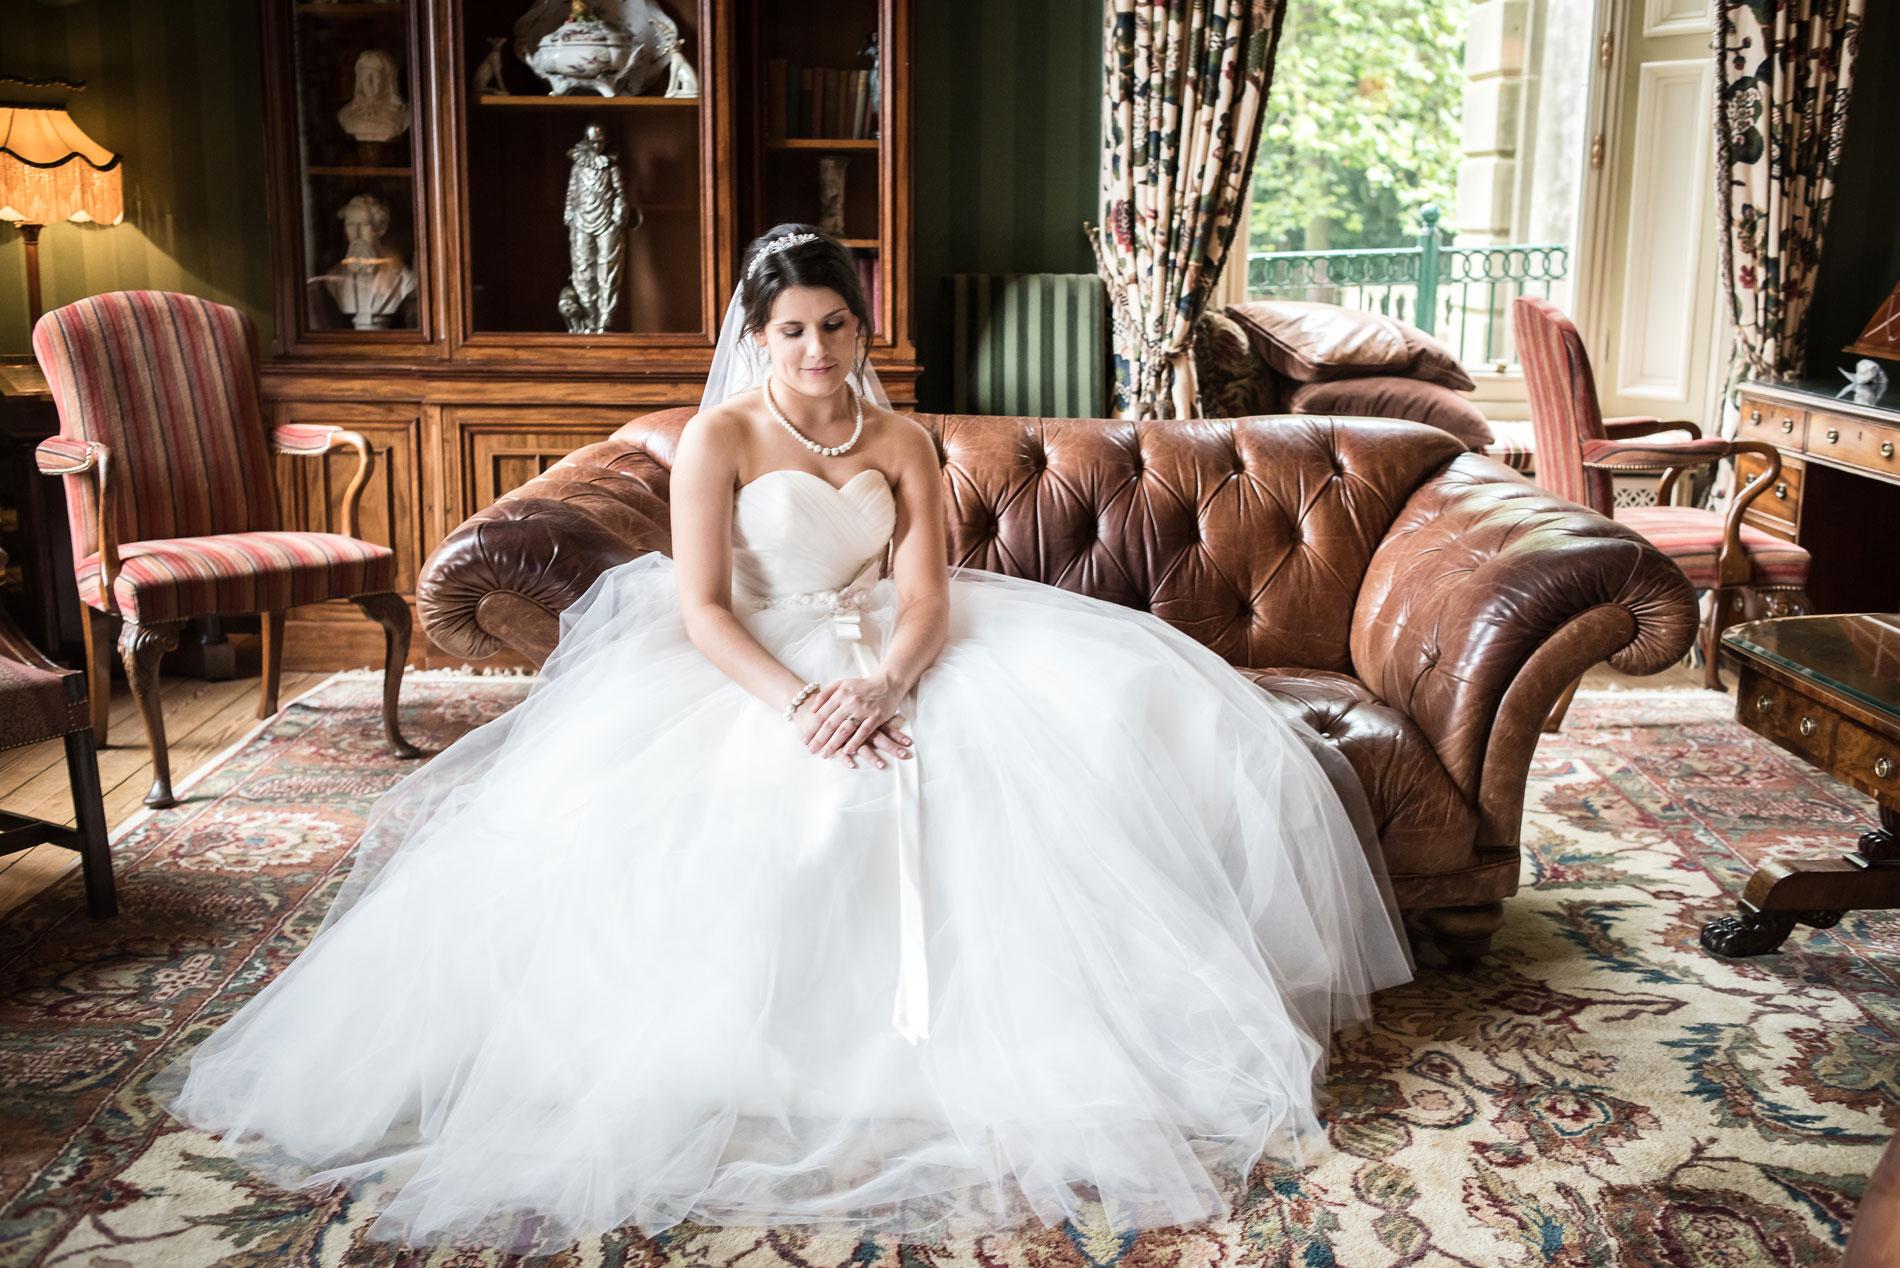 Kilworth-weddings-_43.jpg